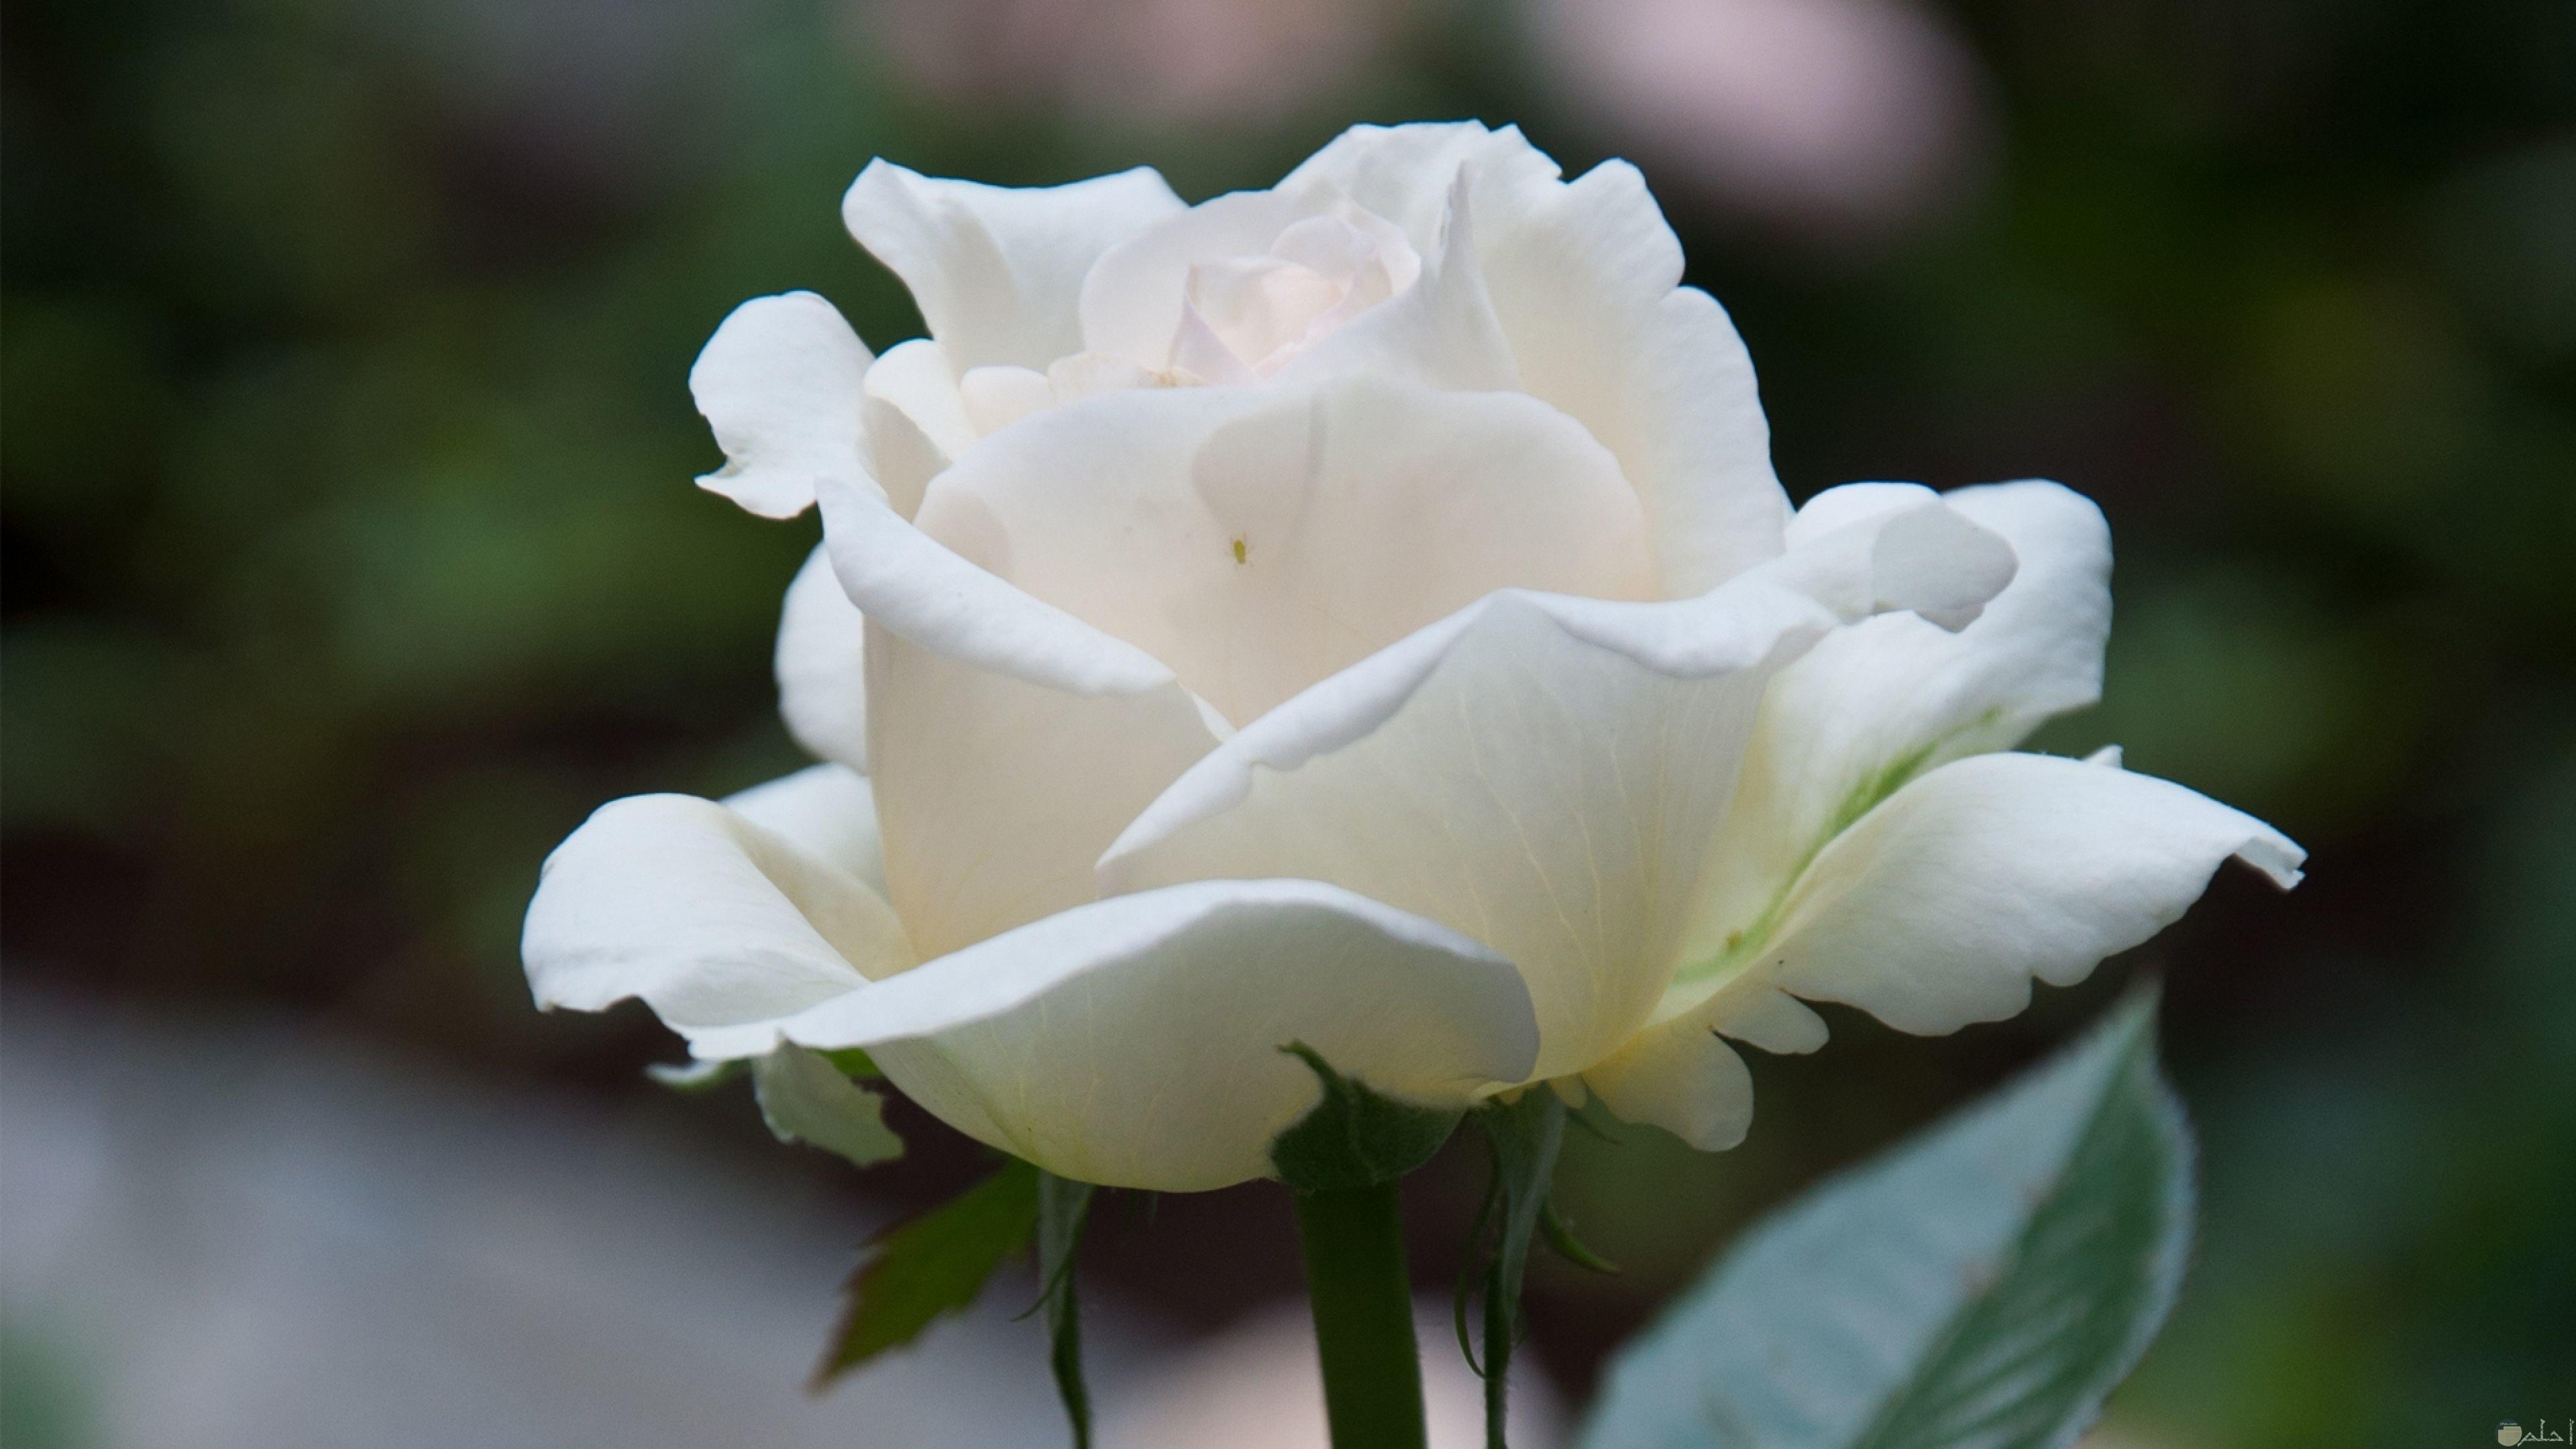 ورده جميلة بيضاء مبهجة